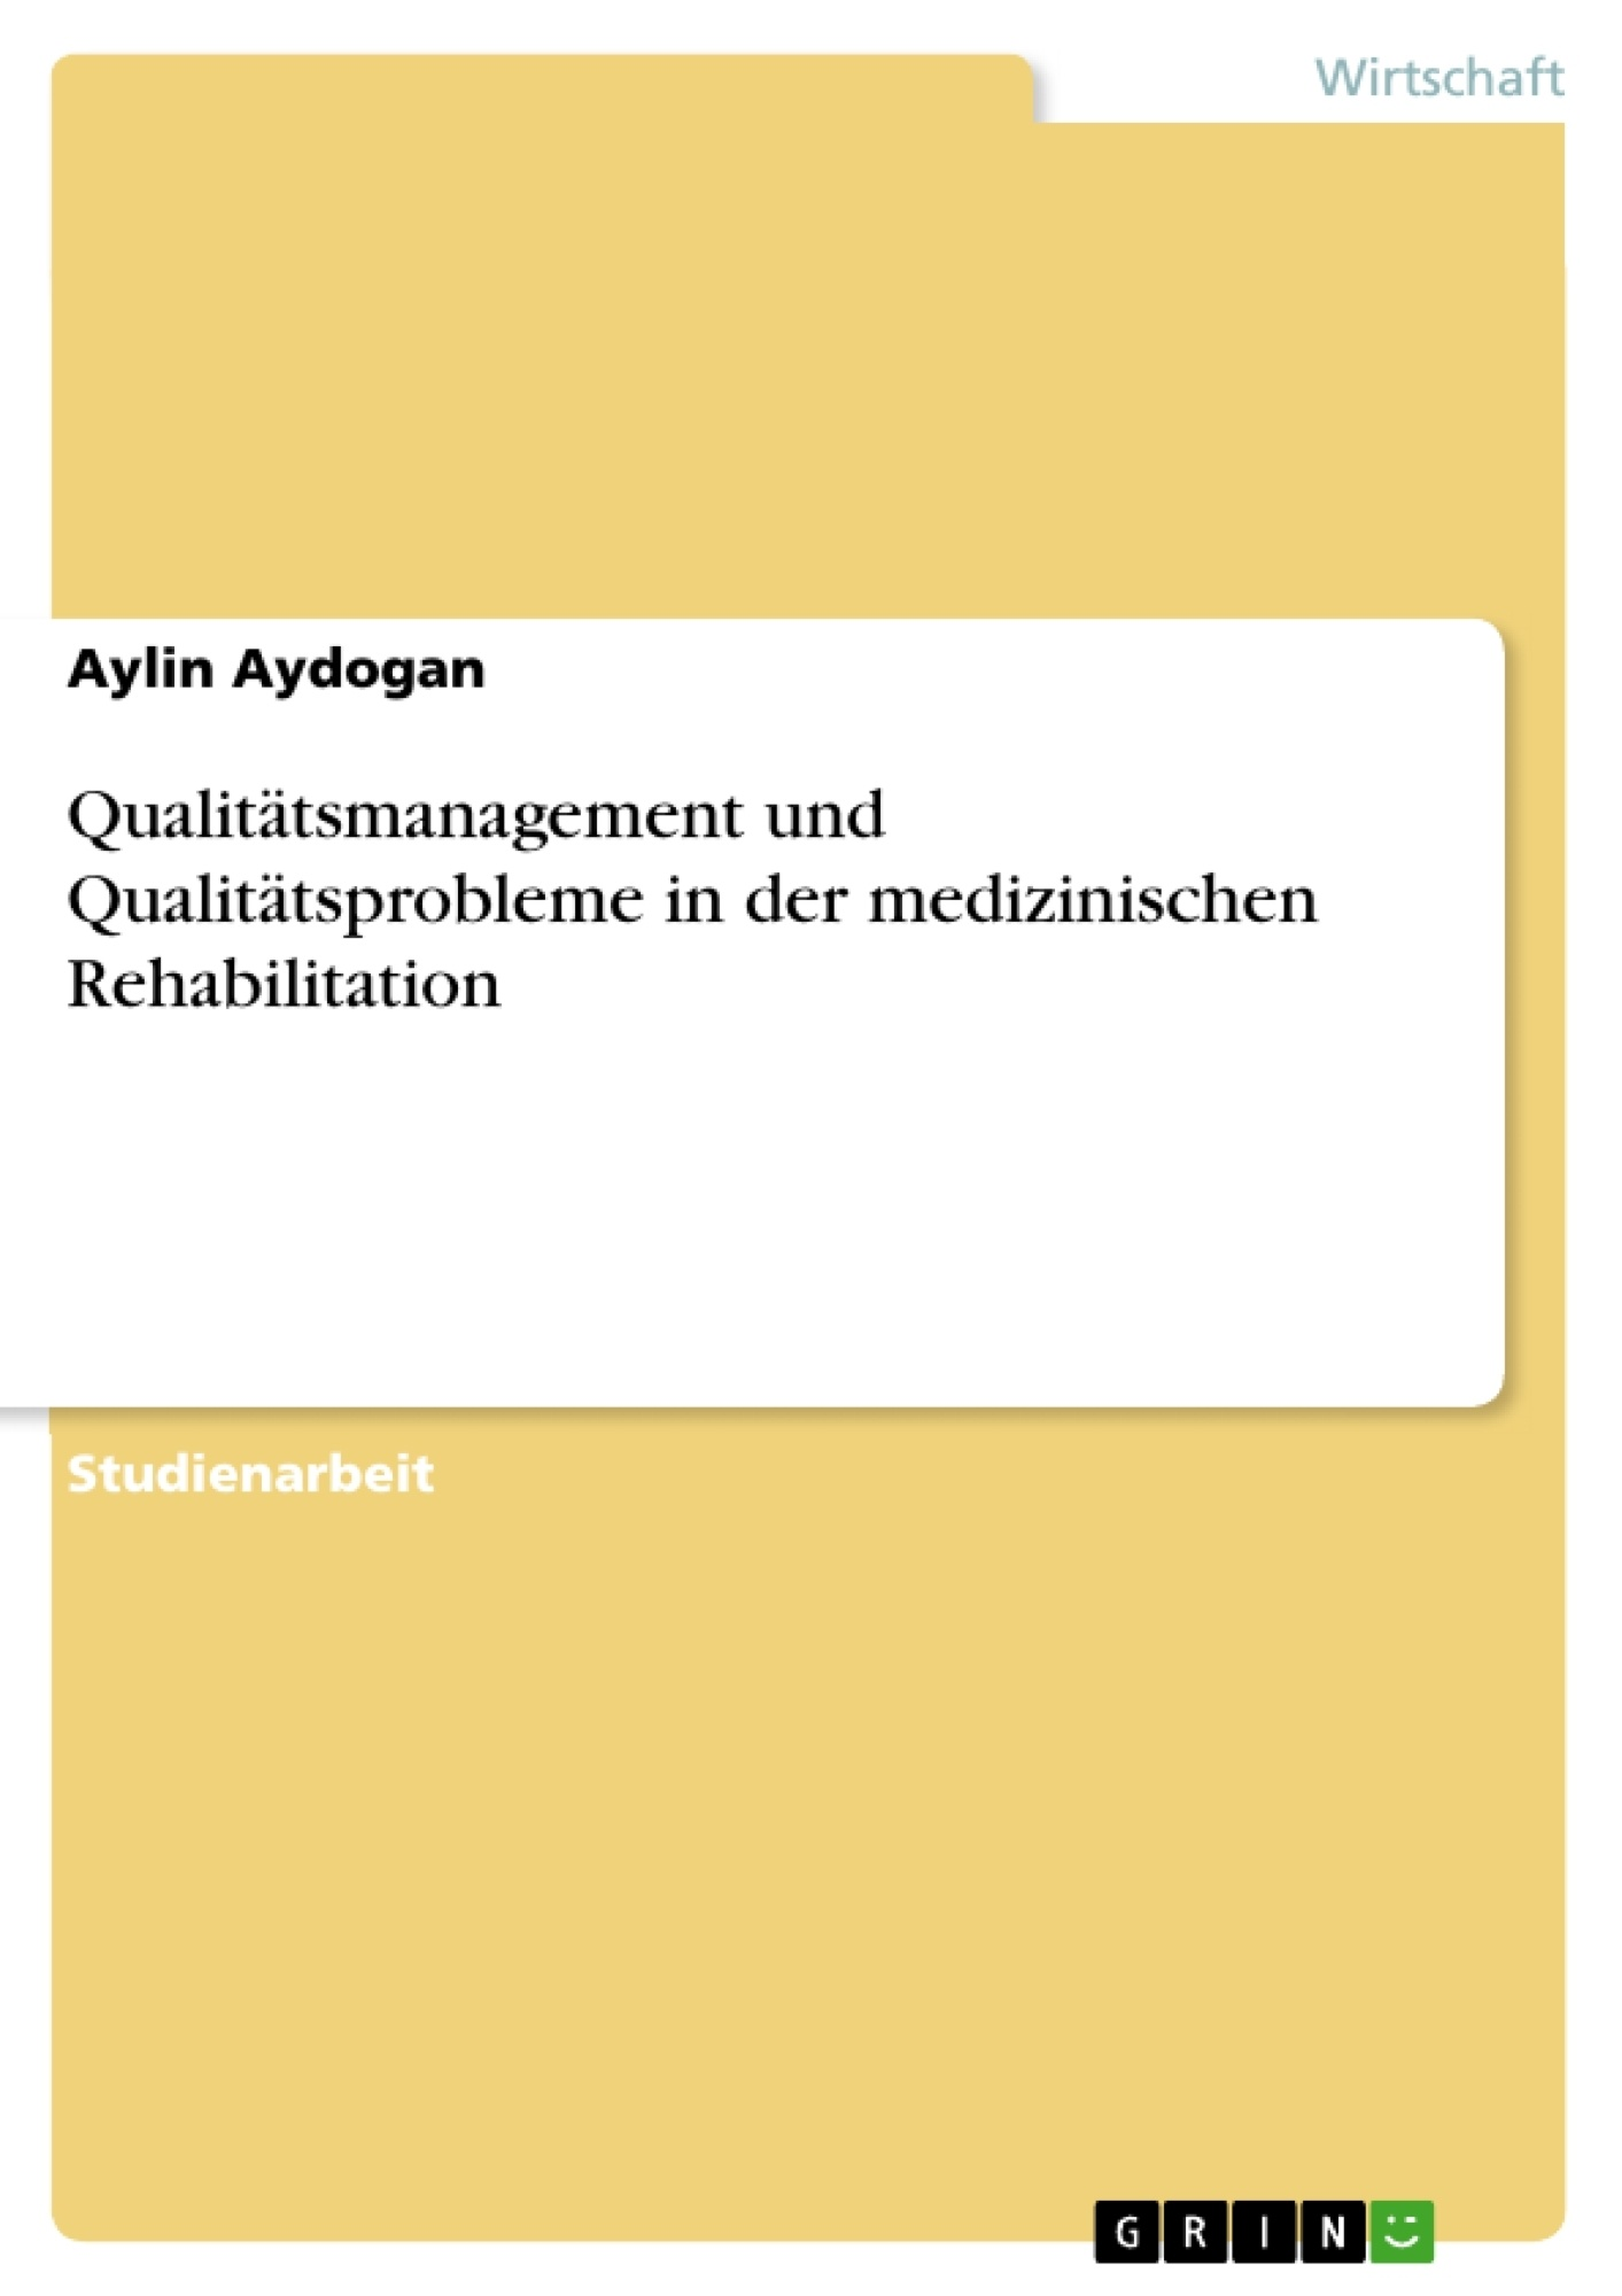 Titel: Qualitätsmanagement und Qualitätsprobleme in der medizinischen Rehabilitation